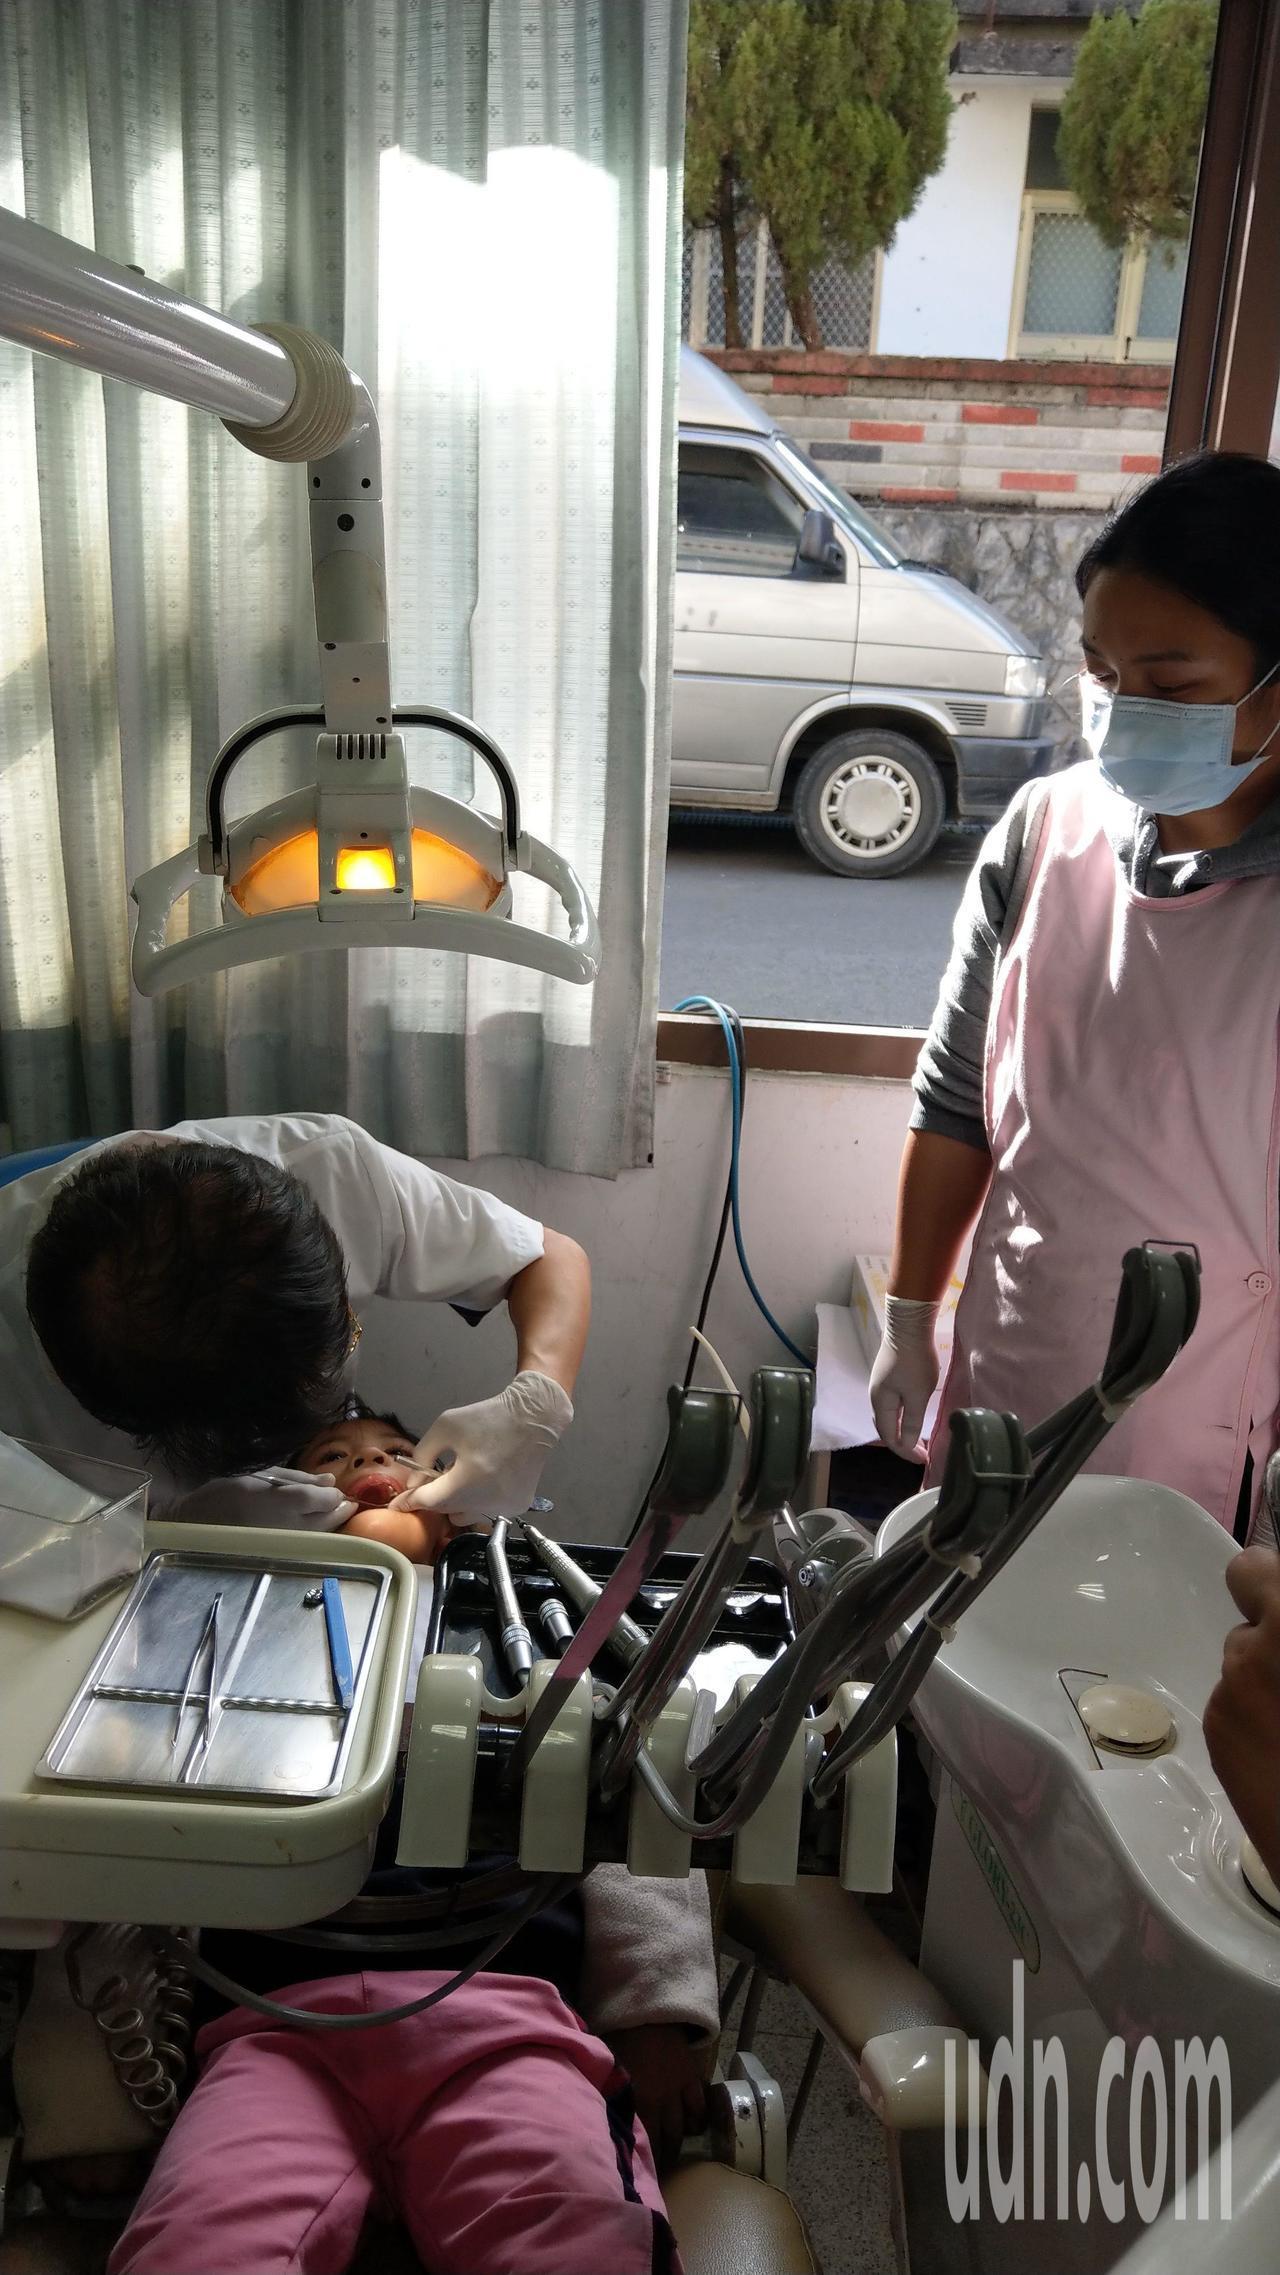 牙醫王佑崑見證偏郷醫療史,早期是露天醫療點,後以廂型車充當巡迴車(後方),去年在...